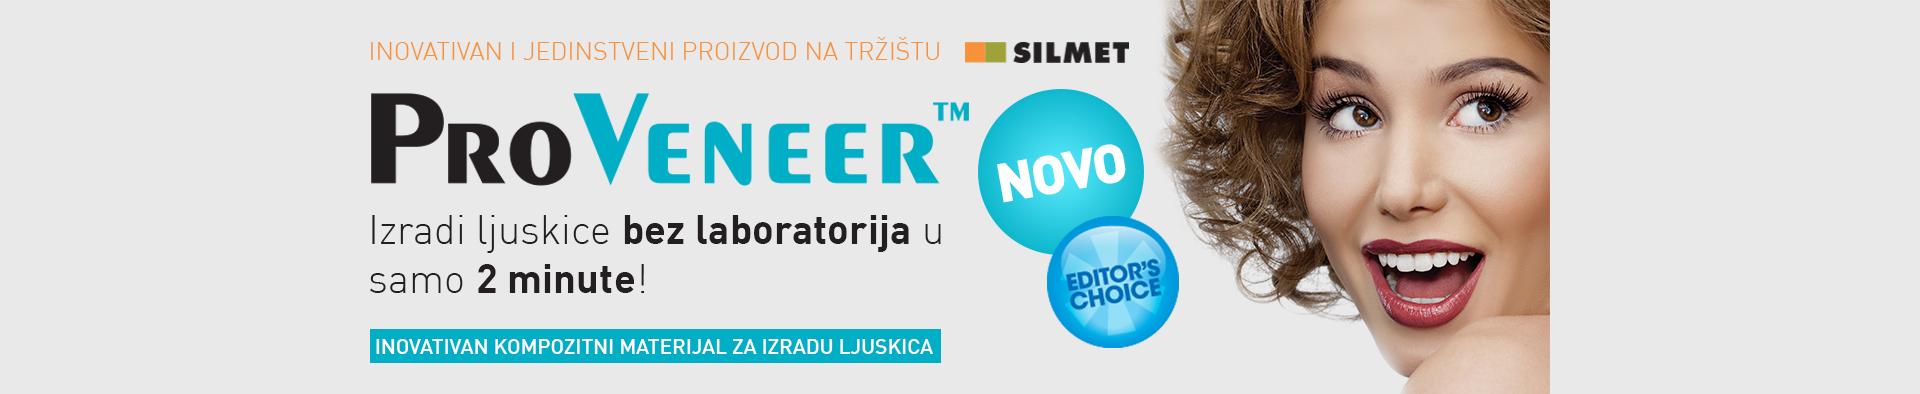 apolonia_proveneer_silmet_novo_slider_novi